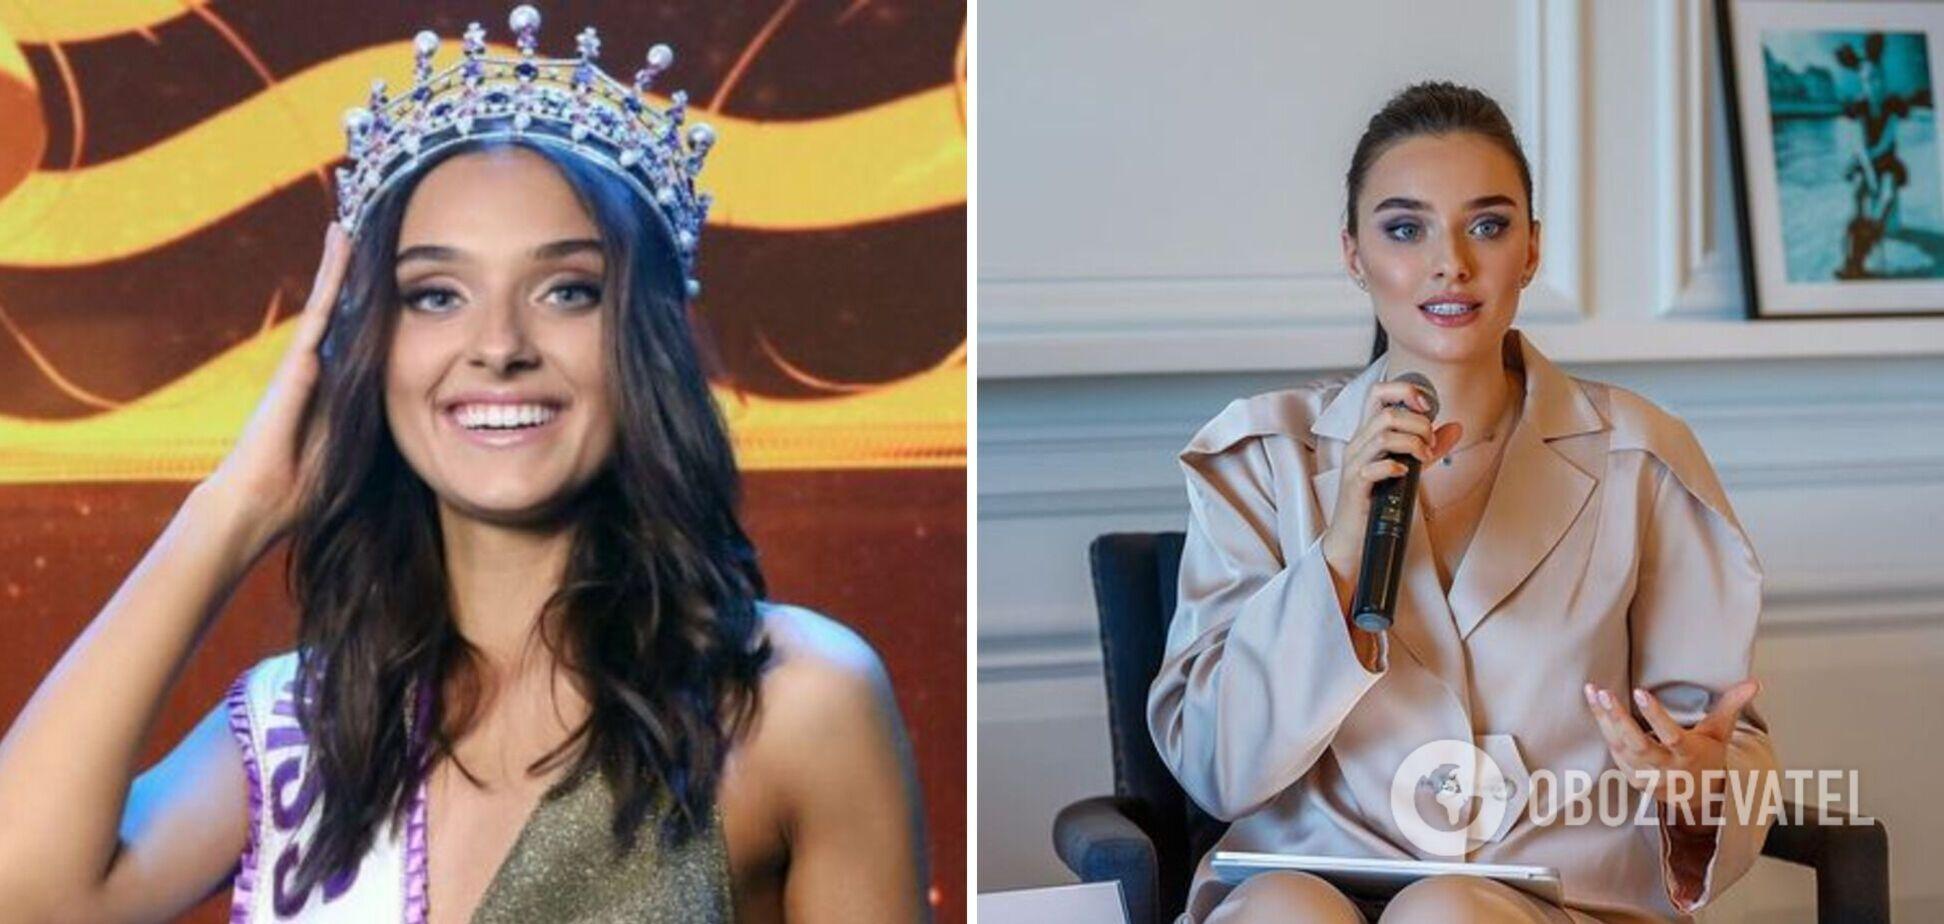 Скандальна Дідусенко має намір повернути титул Міс Україна-2018 через суд. Фото і відео